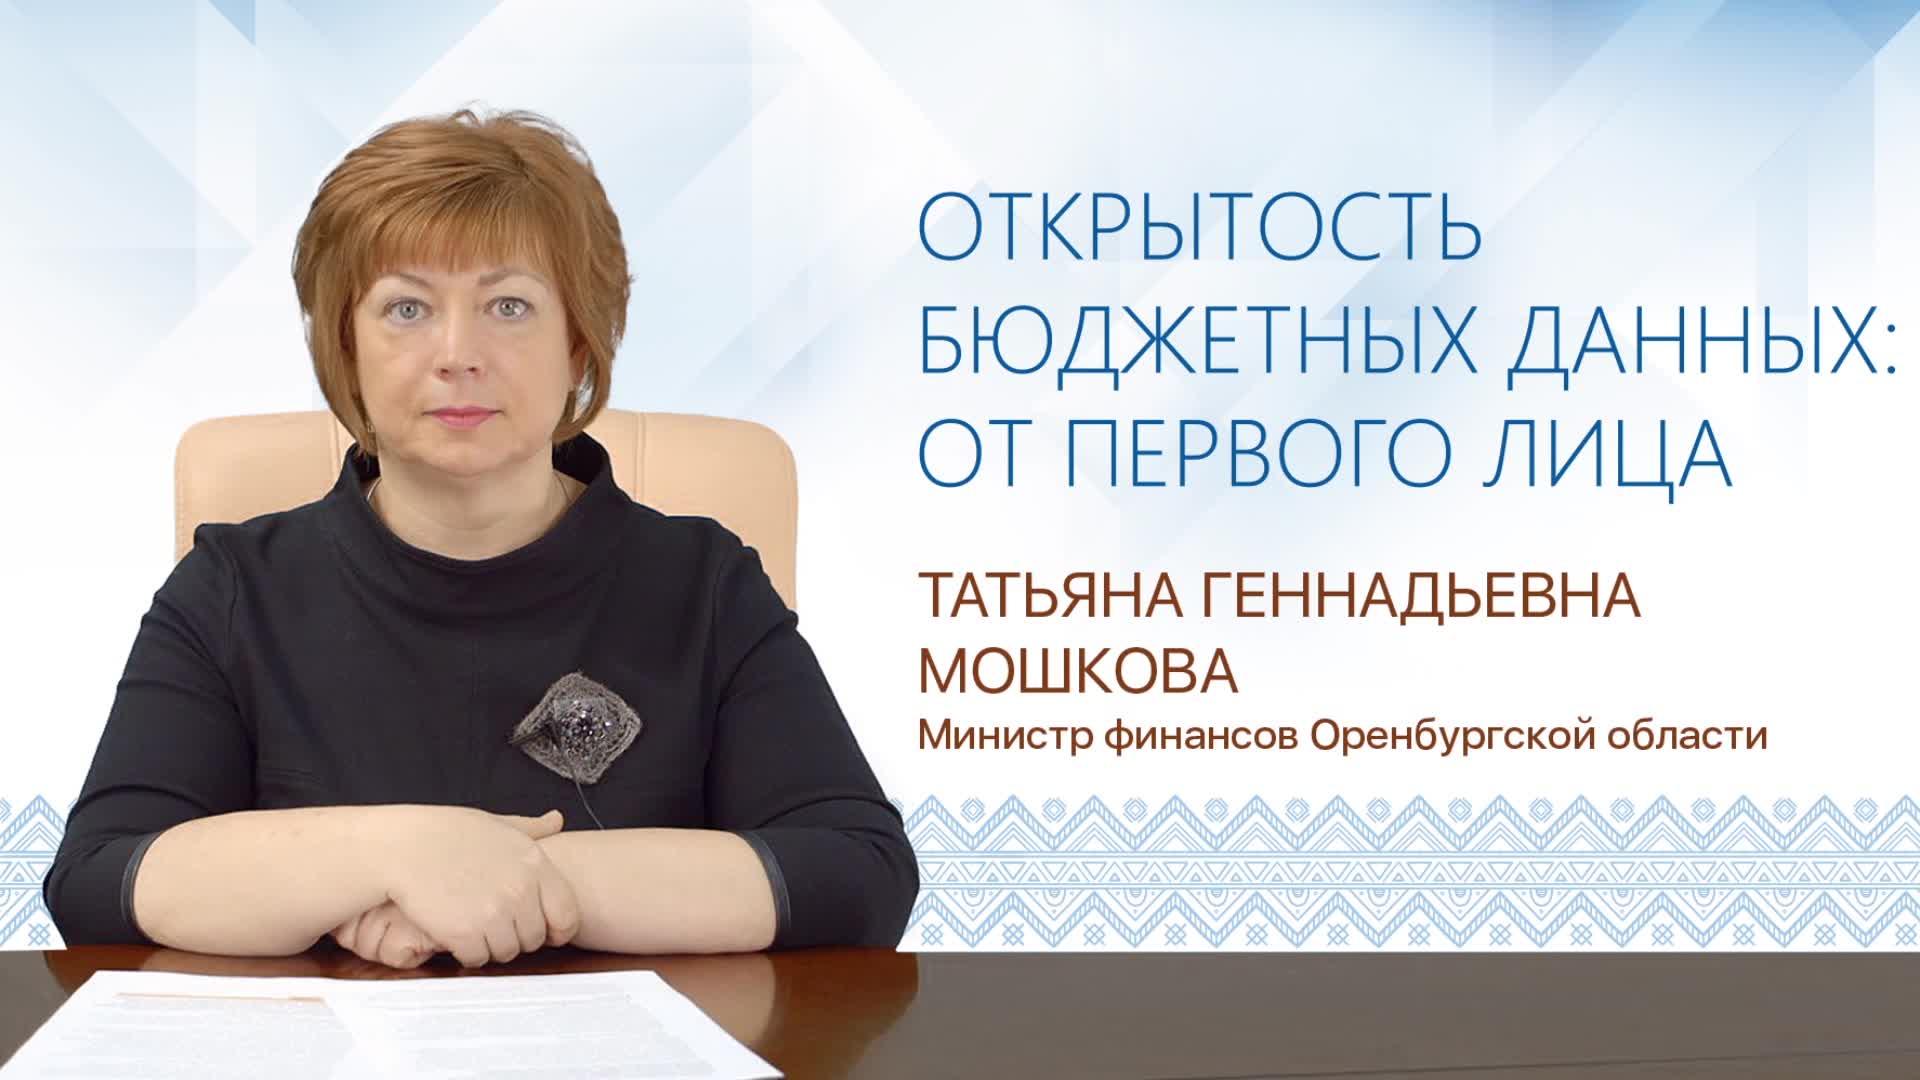 Открытость бюджетных данных Оренбургской области: от первого лица